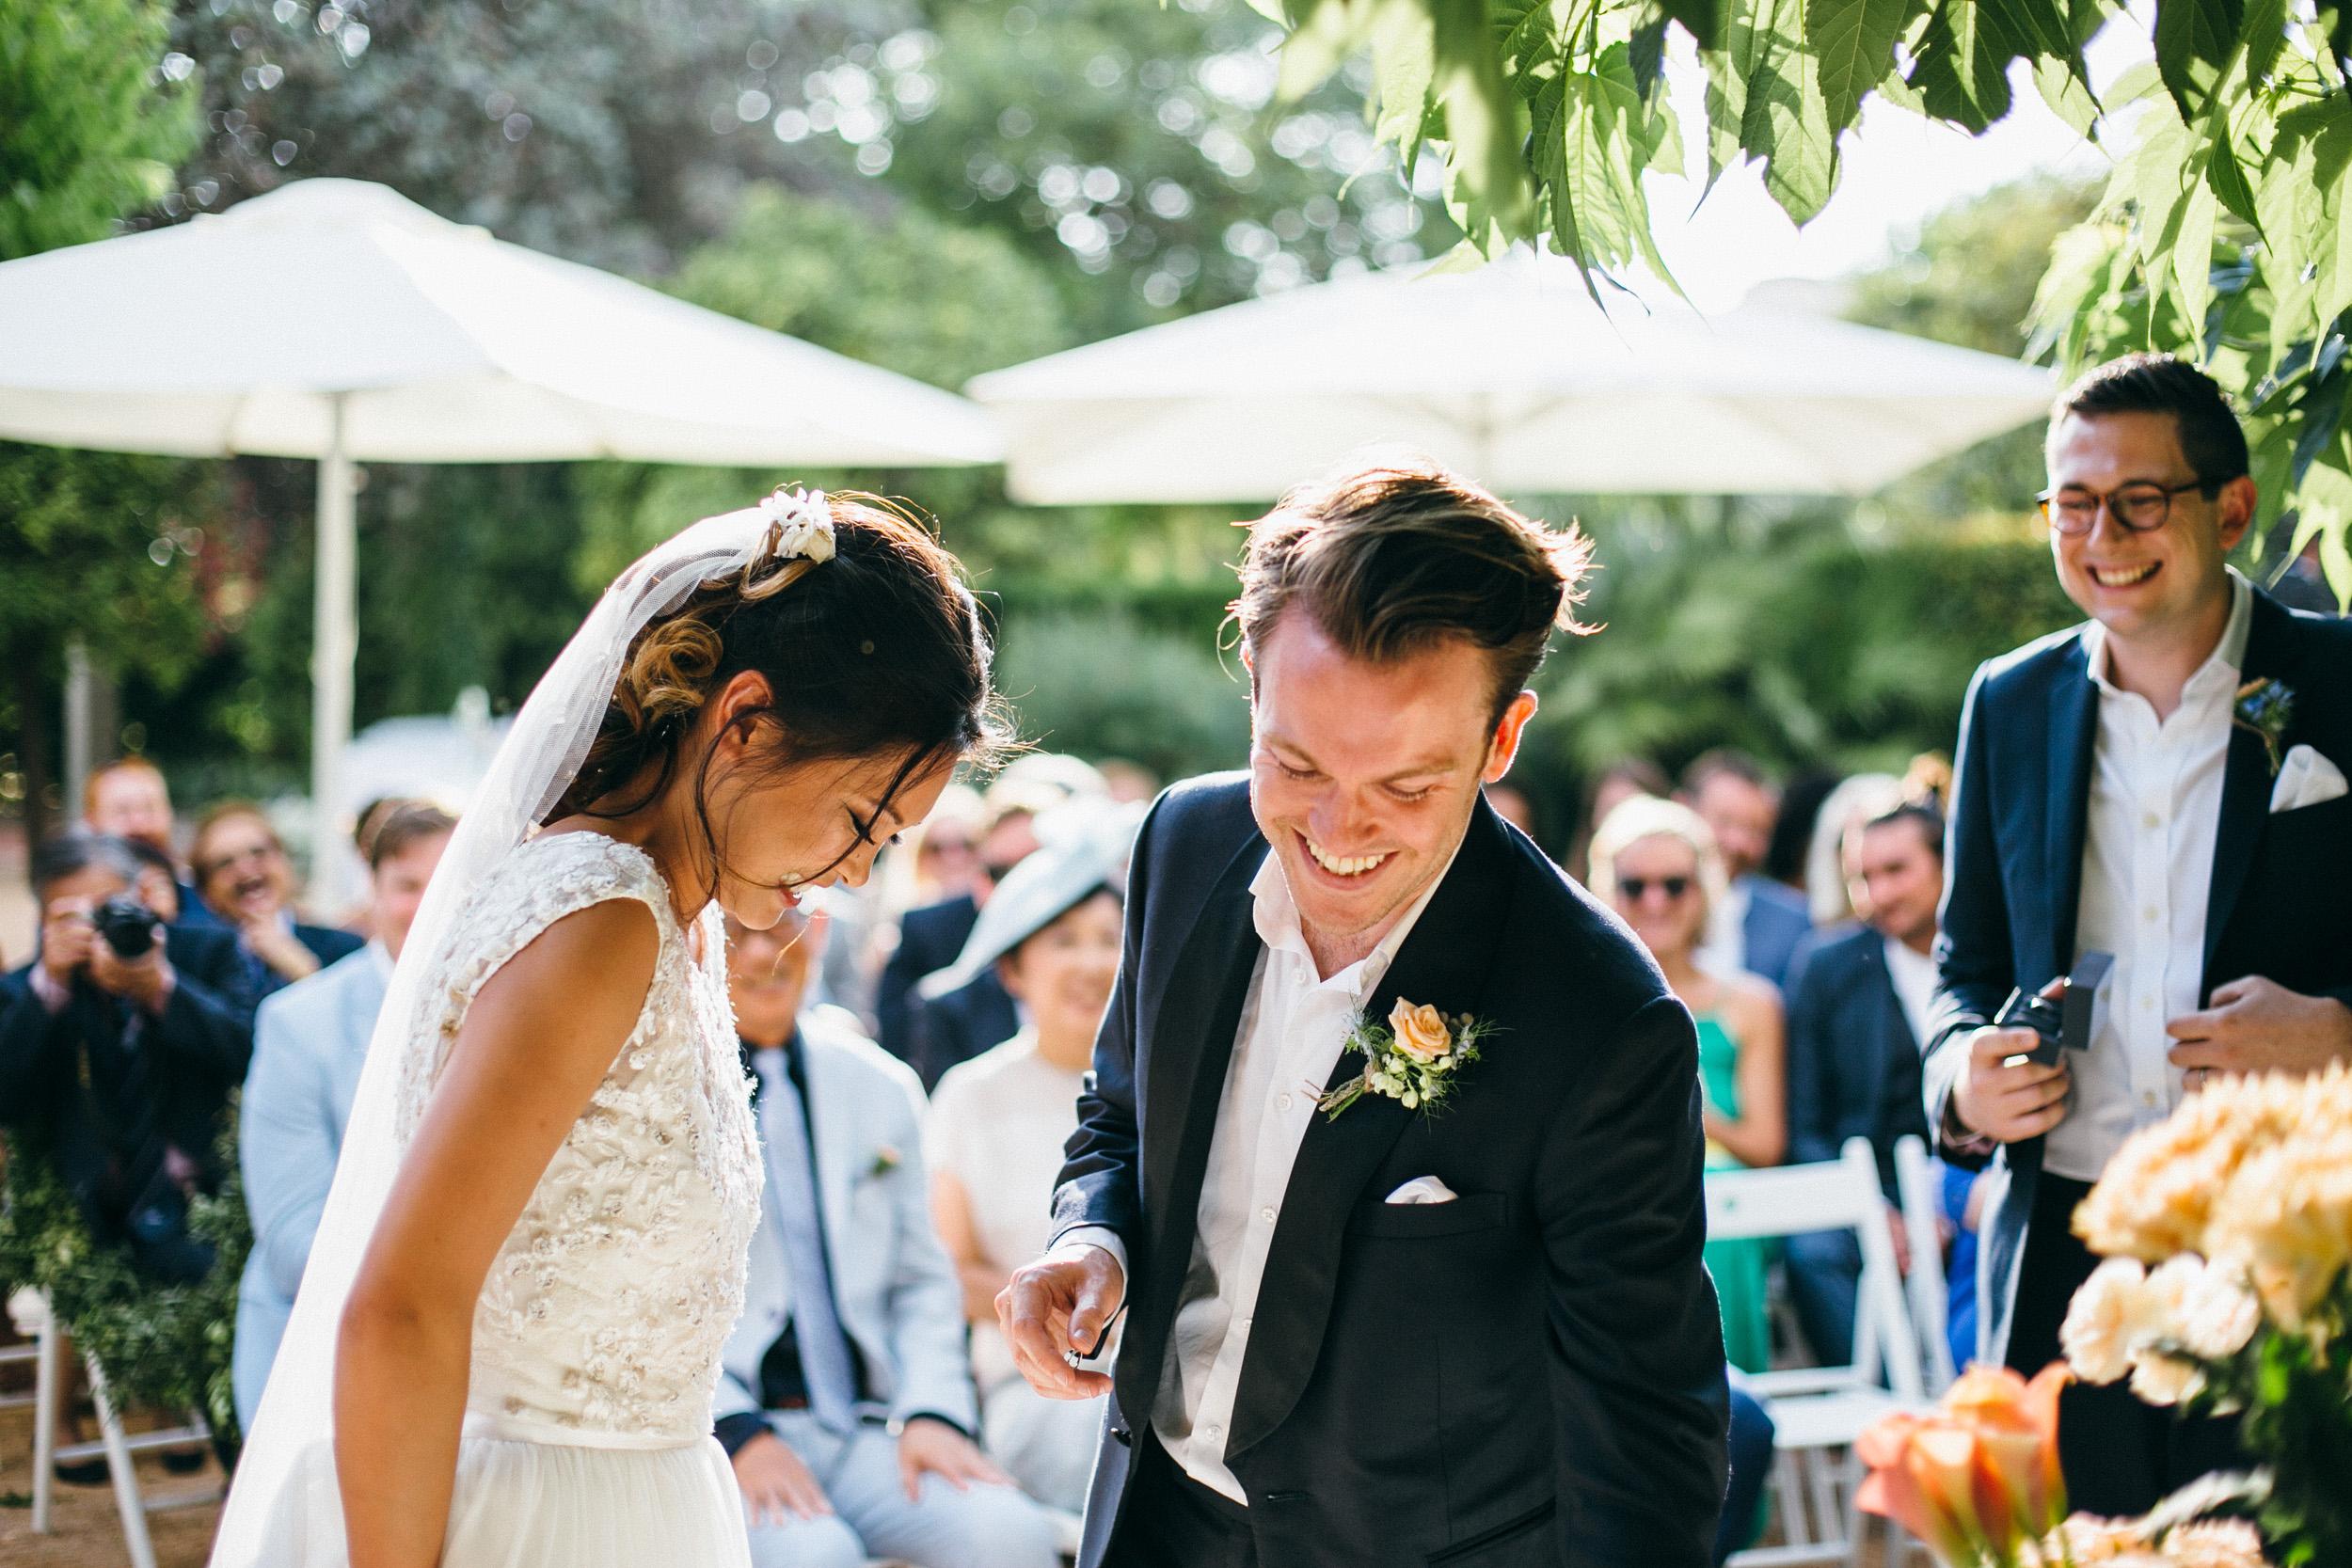 fotografos_boda_wedding_barcelona_valencia078.jpg